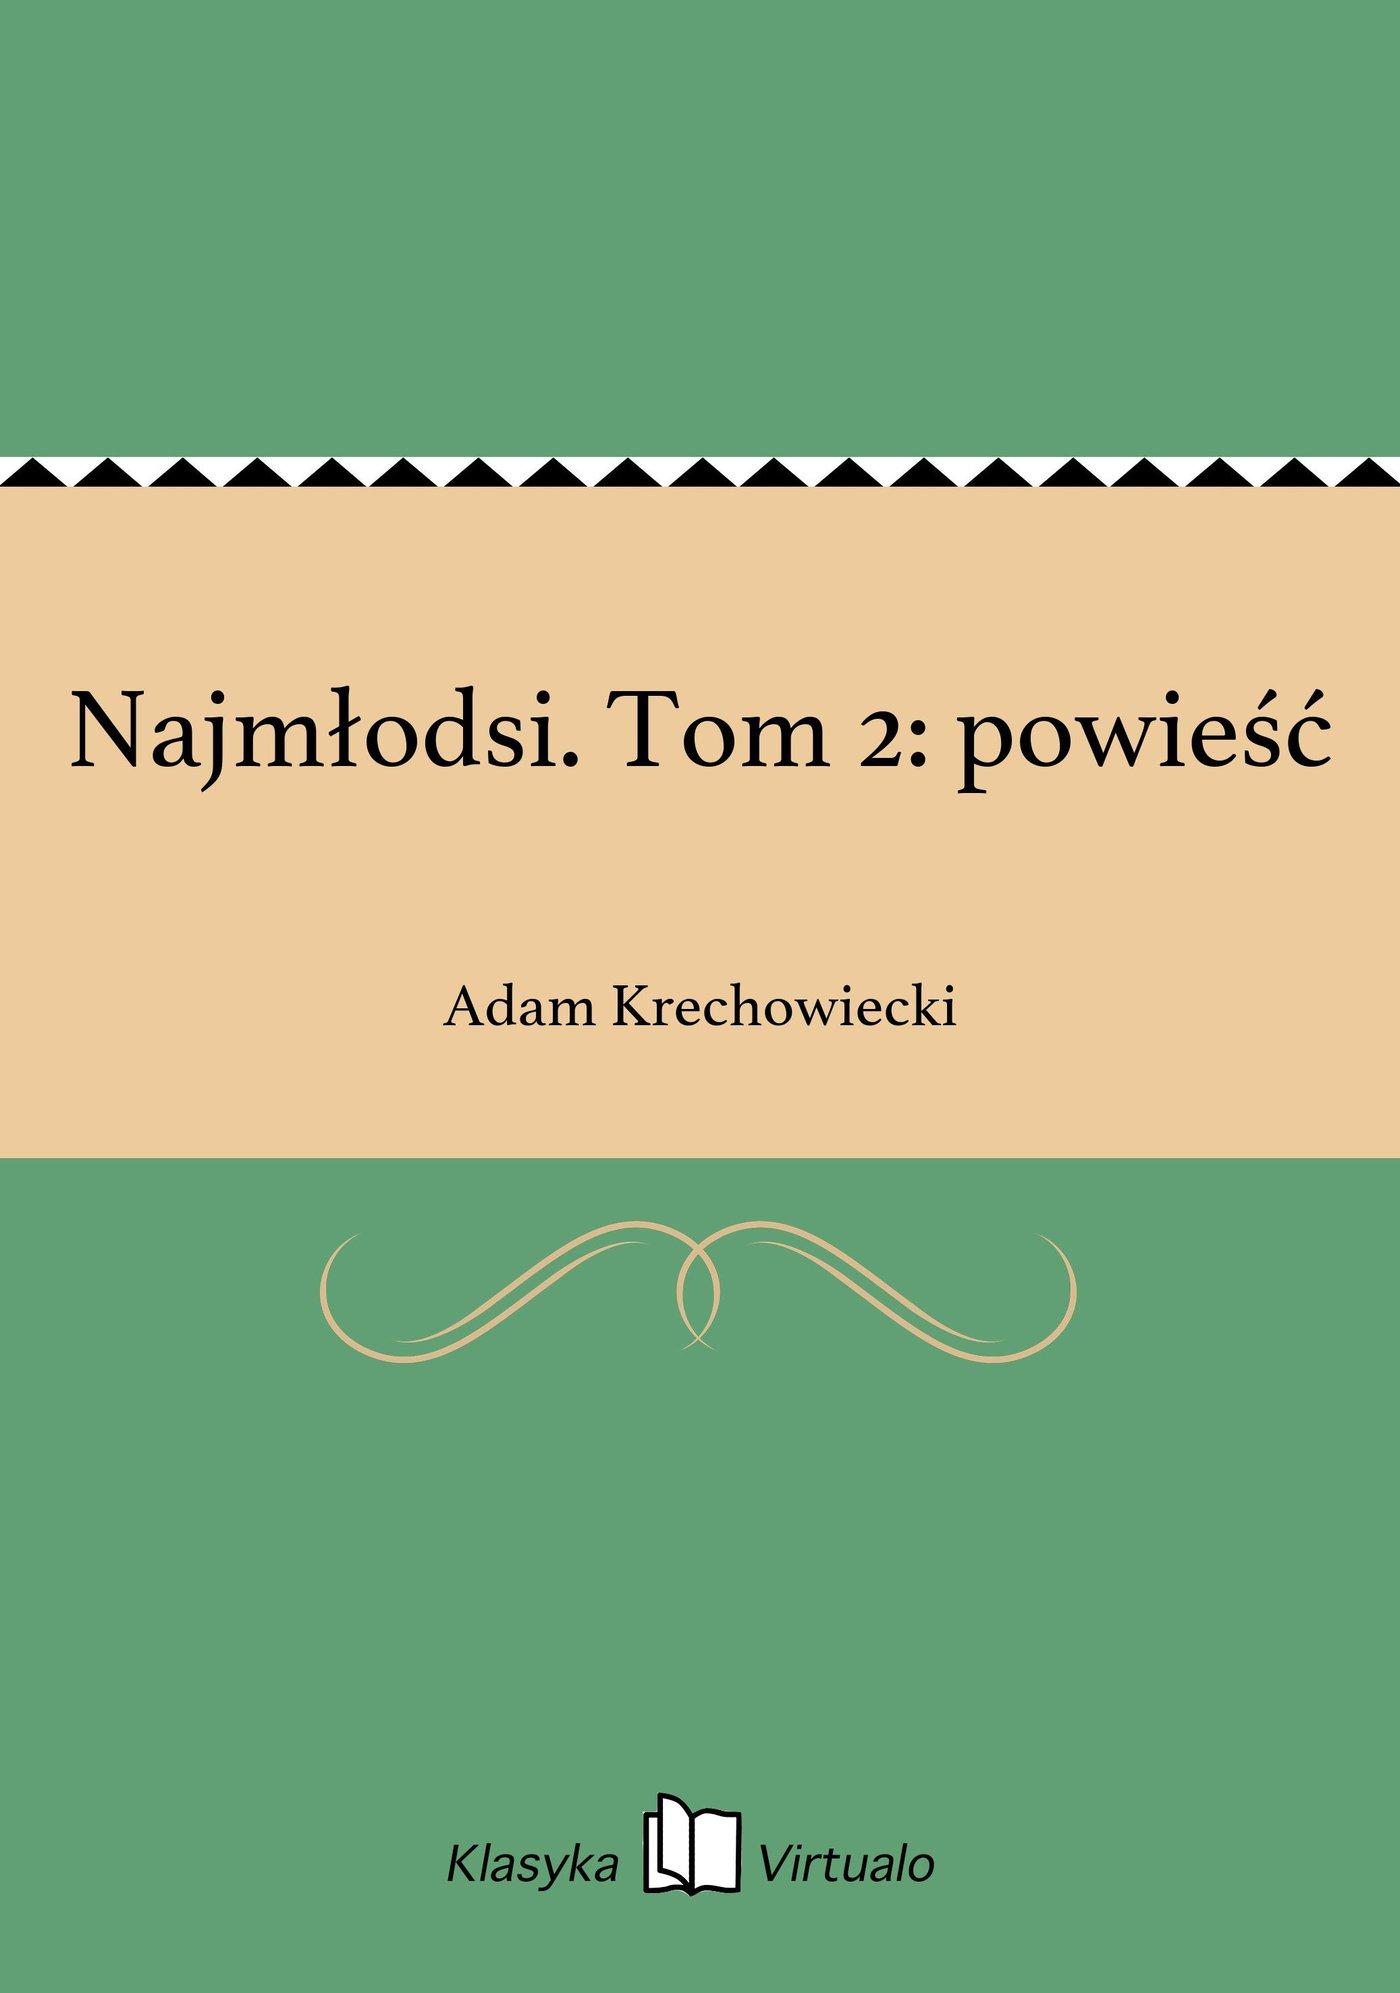 Najmłodsi. Tom 2: powieść - Ebook (Książka EPUB) do pobrania w formacie EPUB